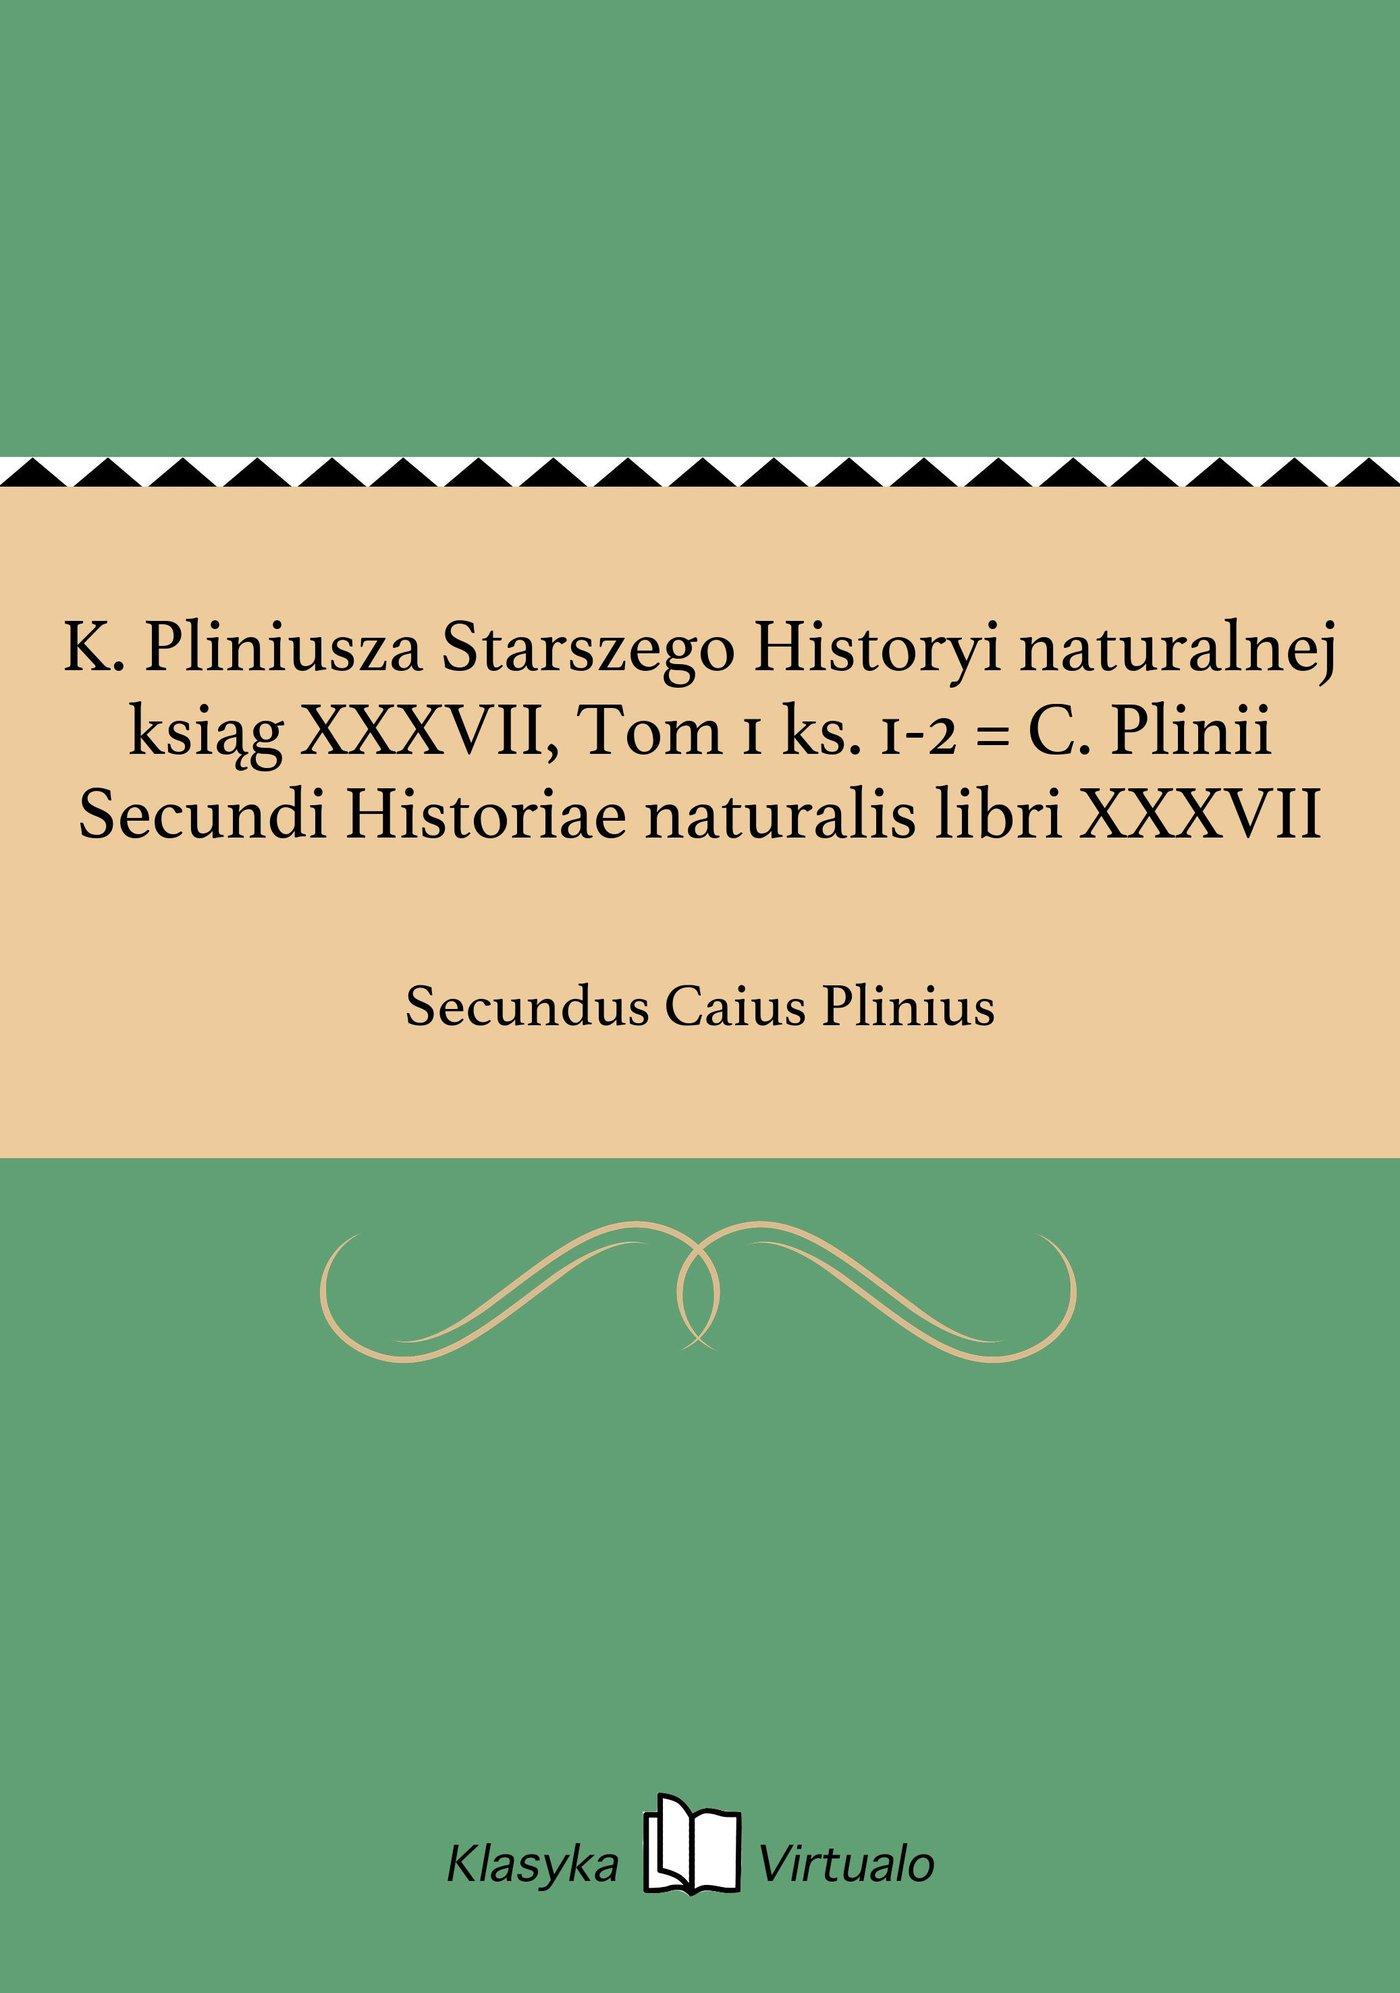 K. Pliniusza Starszego Historyi naturalnej ksiąg XXXVII, Tom 1 ks. 1-2 = C. Plinii Secundi Historiae naturalis libri XXXVII - Ebook (Książka EPUB) do pobrania w formacie EPUB